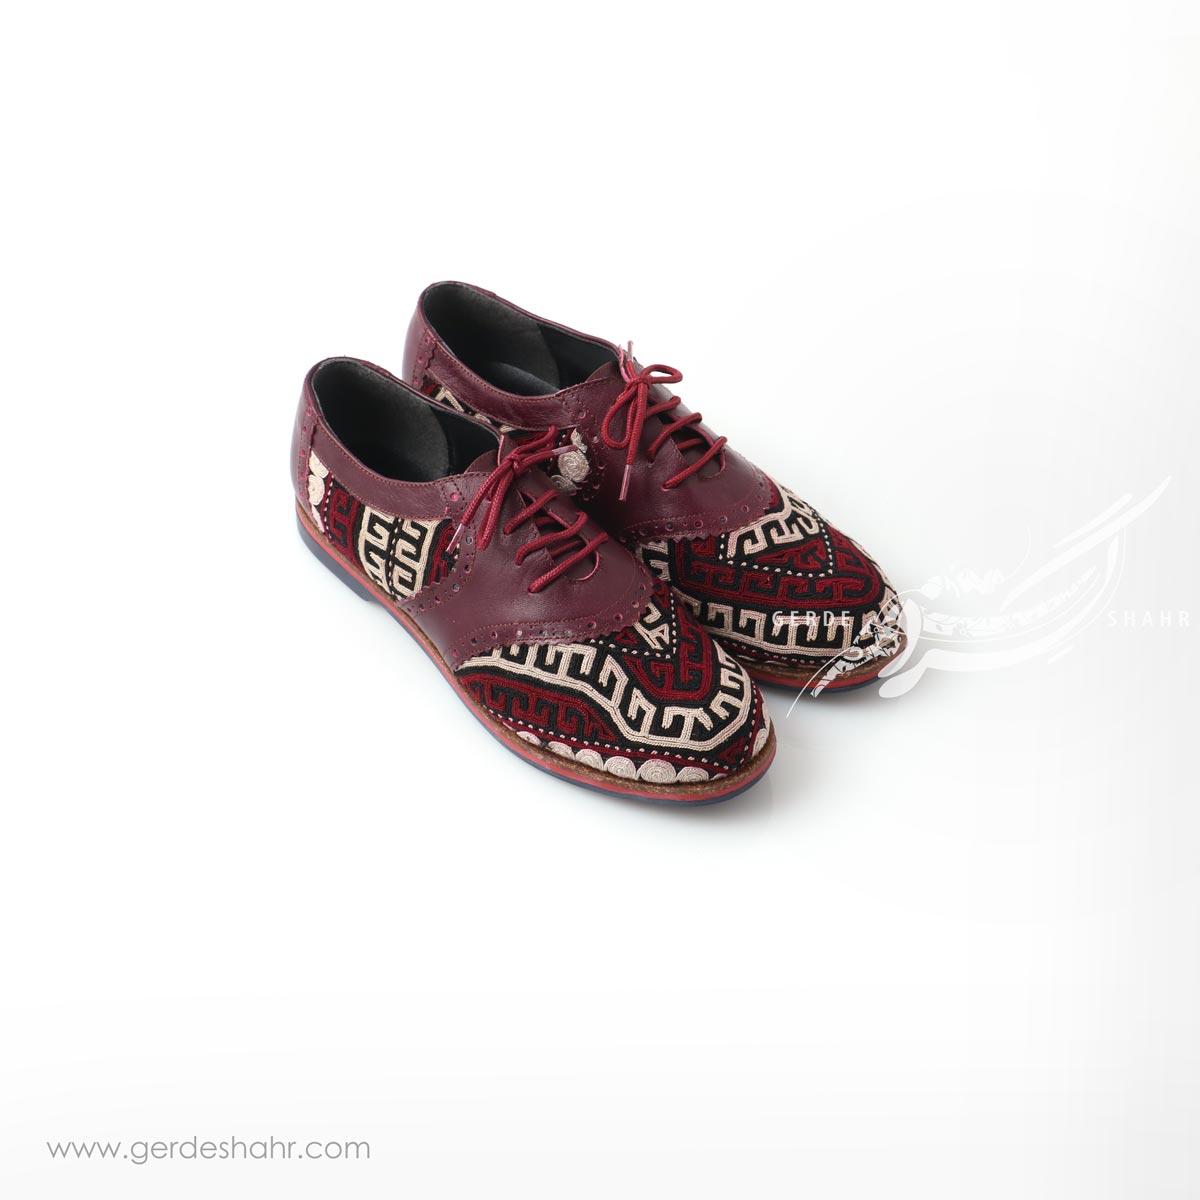 کفش دست دوز زرشکی سوزندوزی ترکمن سایز 38 چاوان گنجه رخت